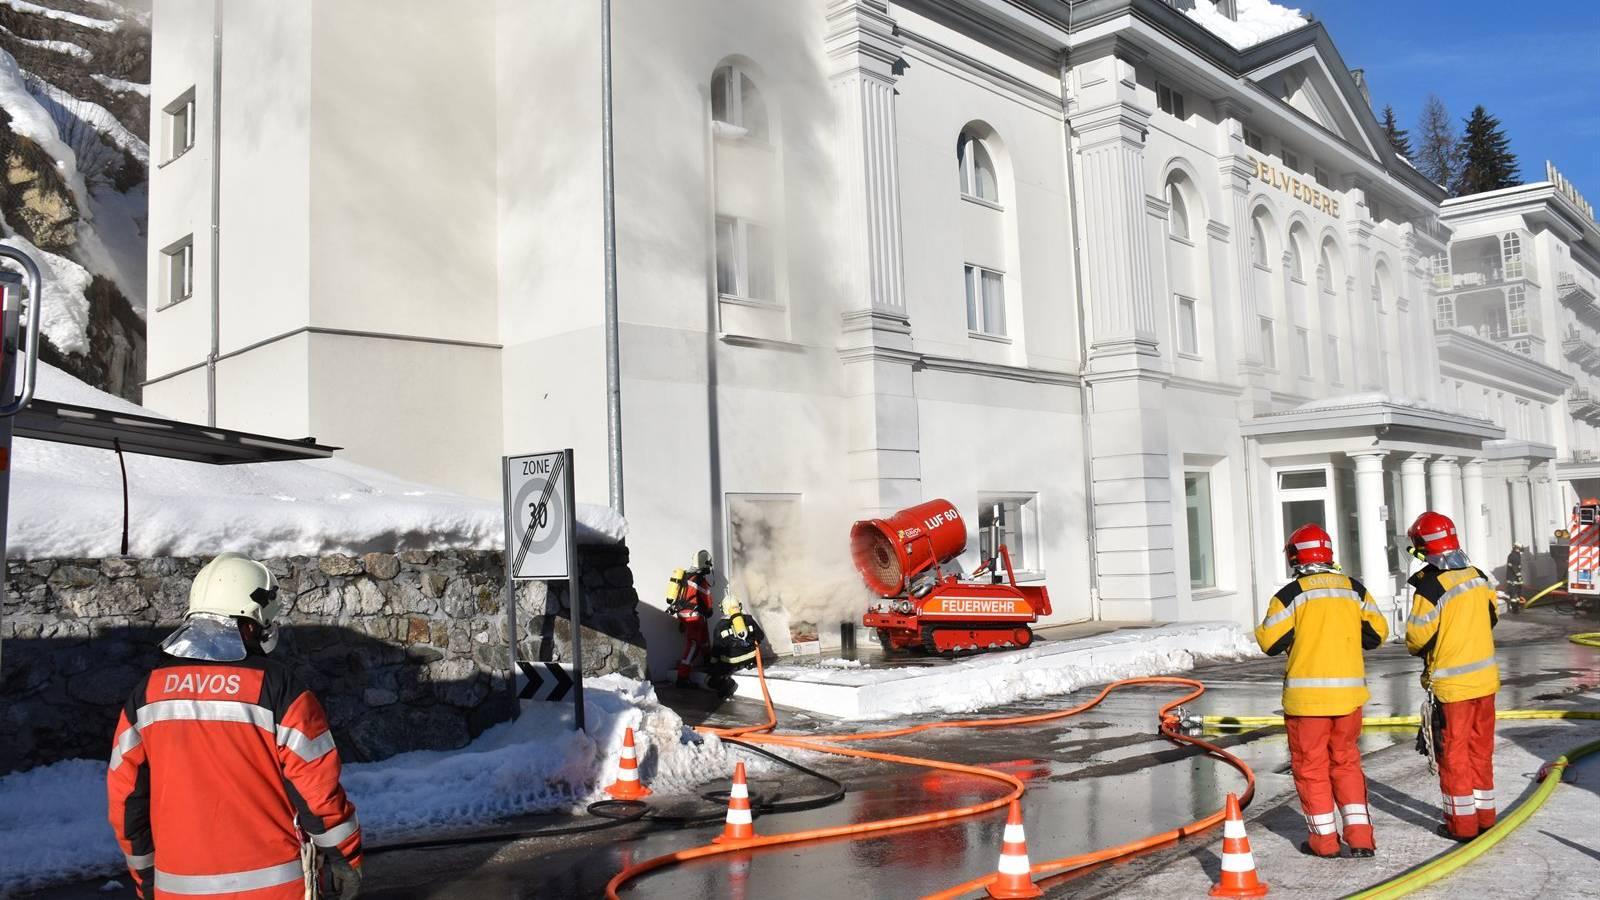 25 Einsatzkräfte der Feuerwehr rückten aus und konnten den Brand im Hotel Belvédère löschen.